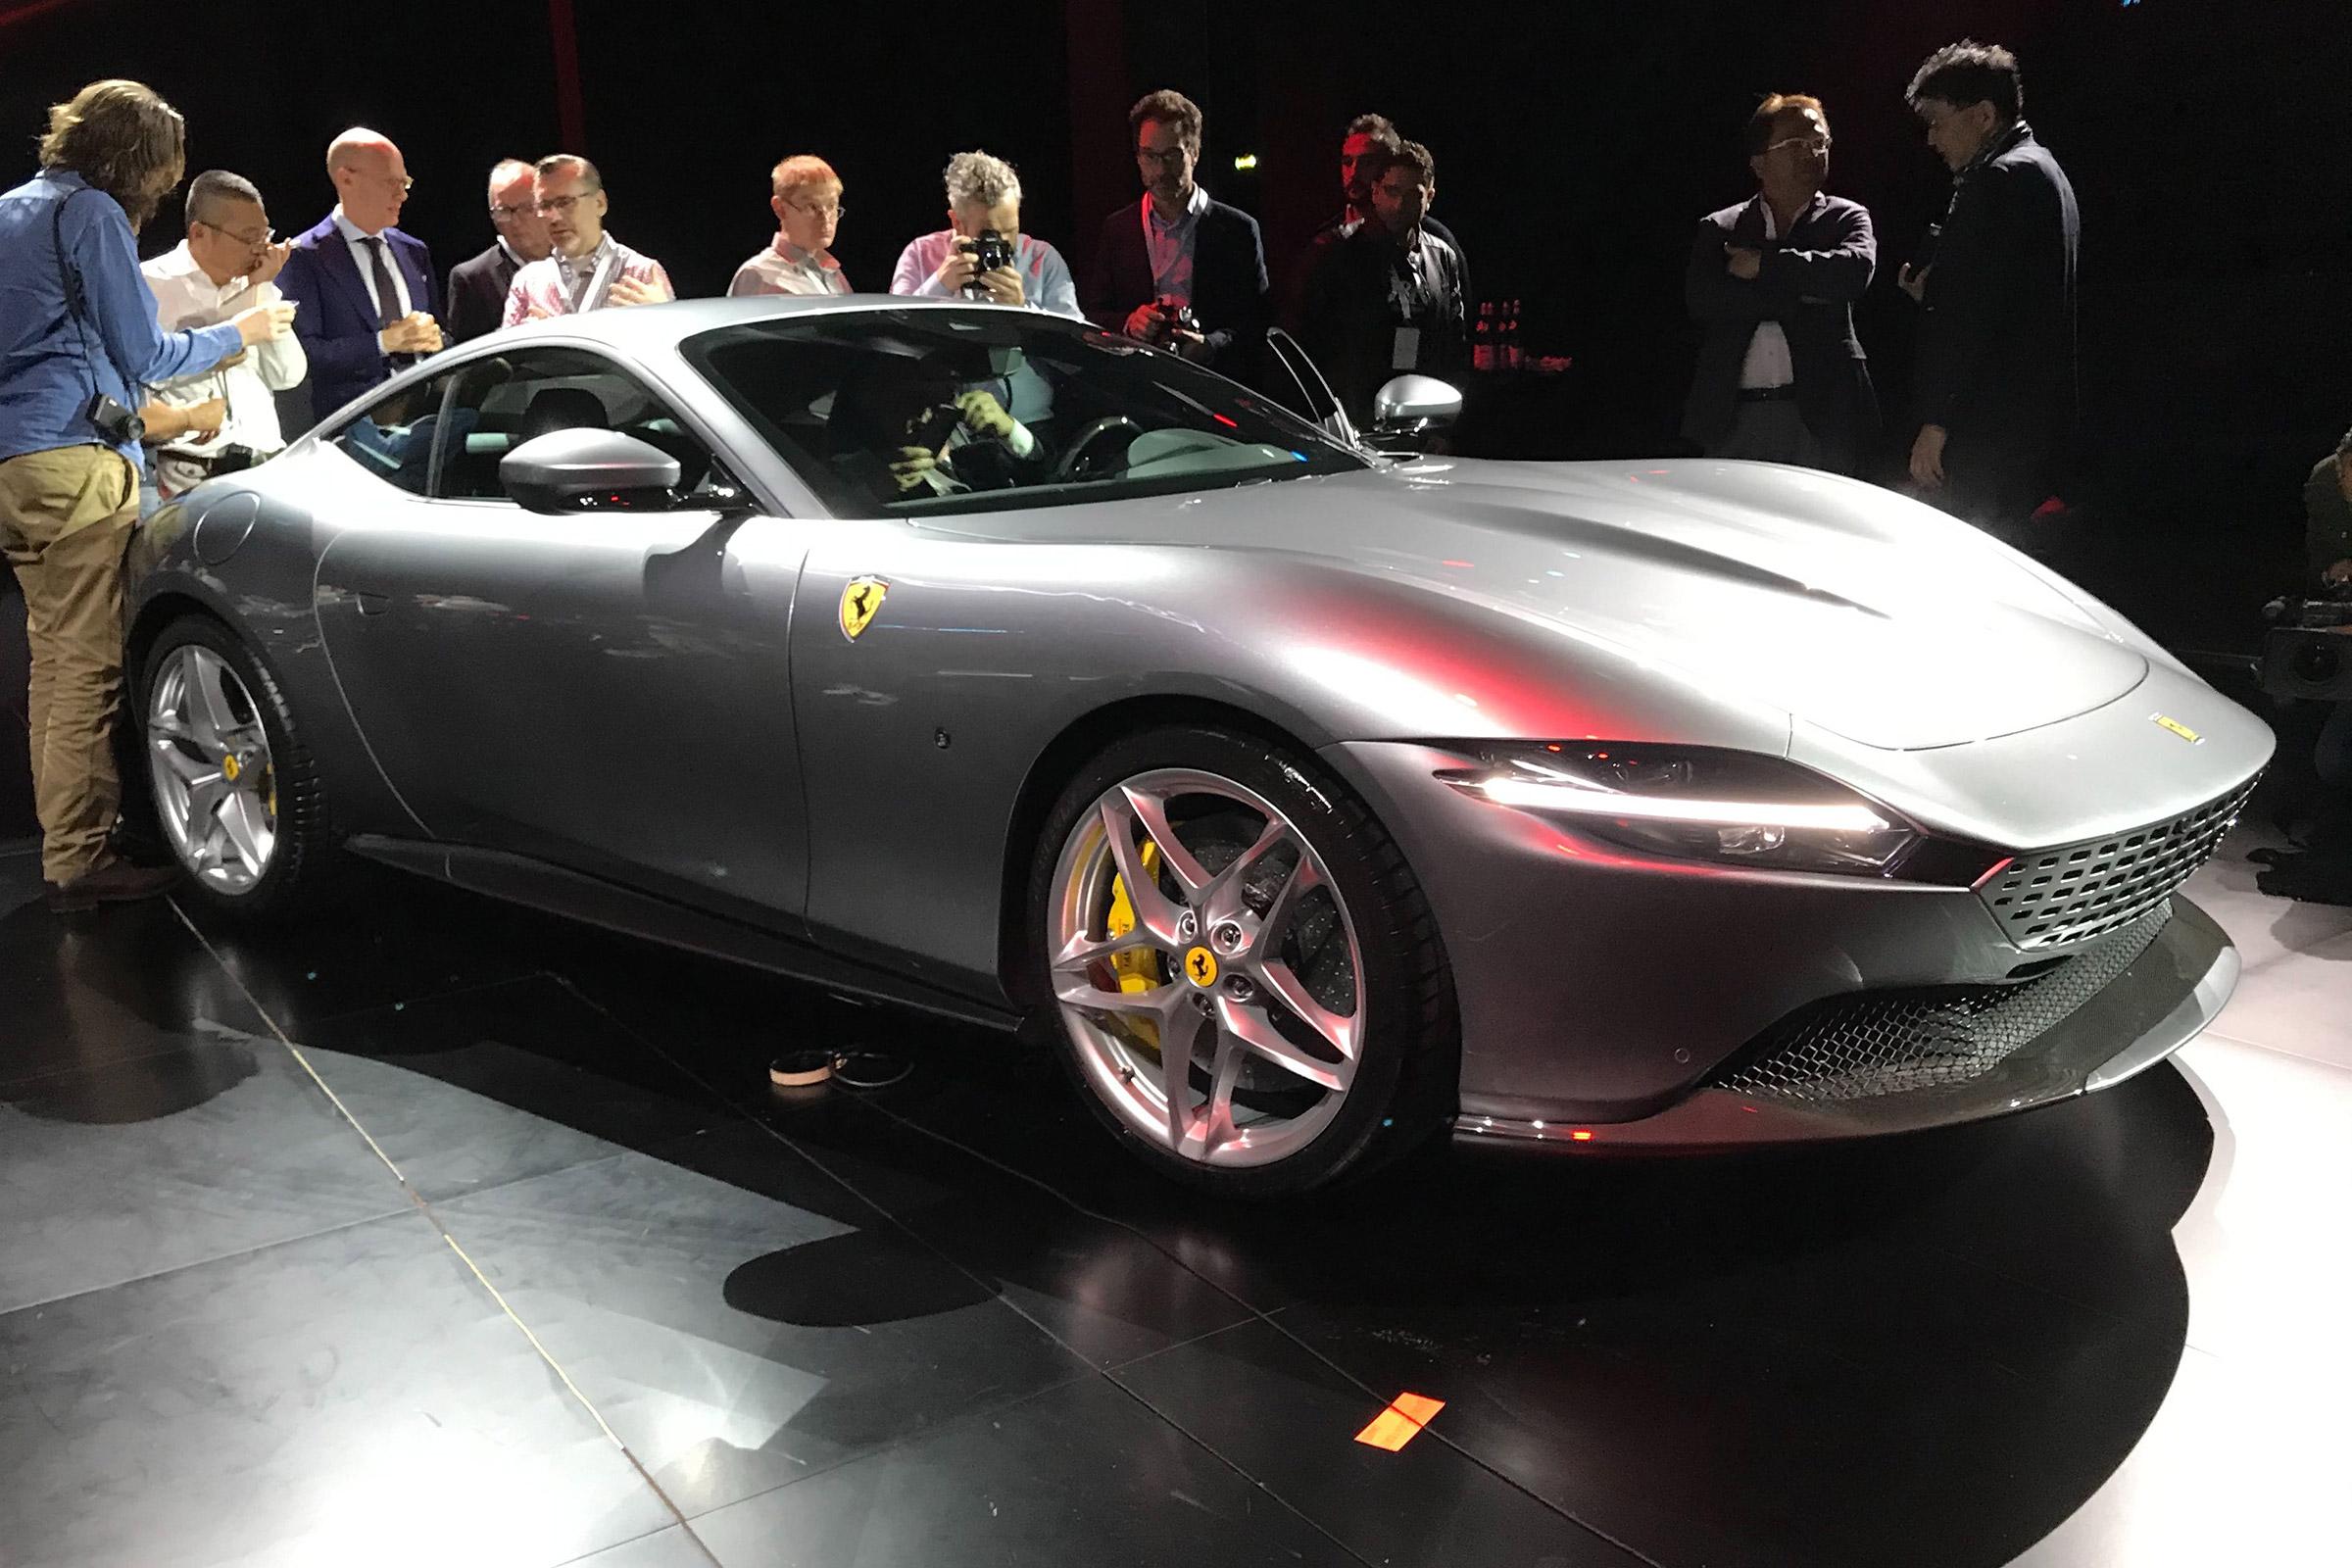 New 2020 Ferrari Roma Blasts In As New 612bhp Gt Auto Express